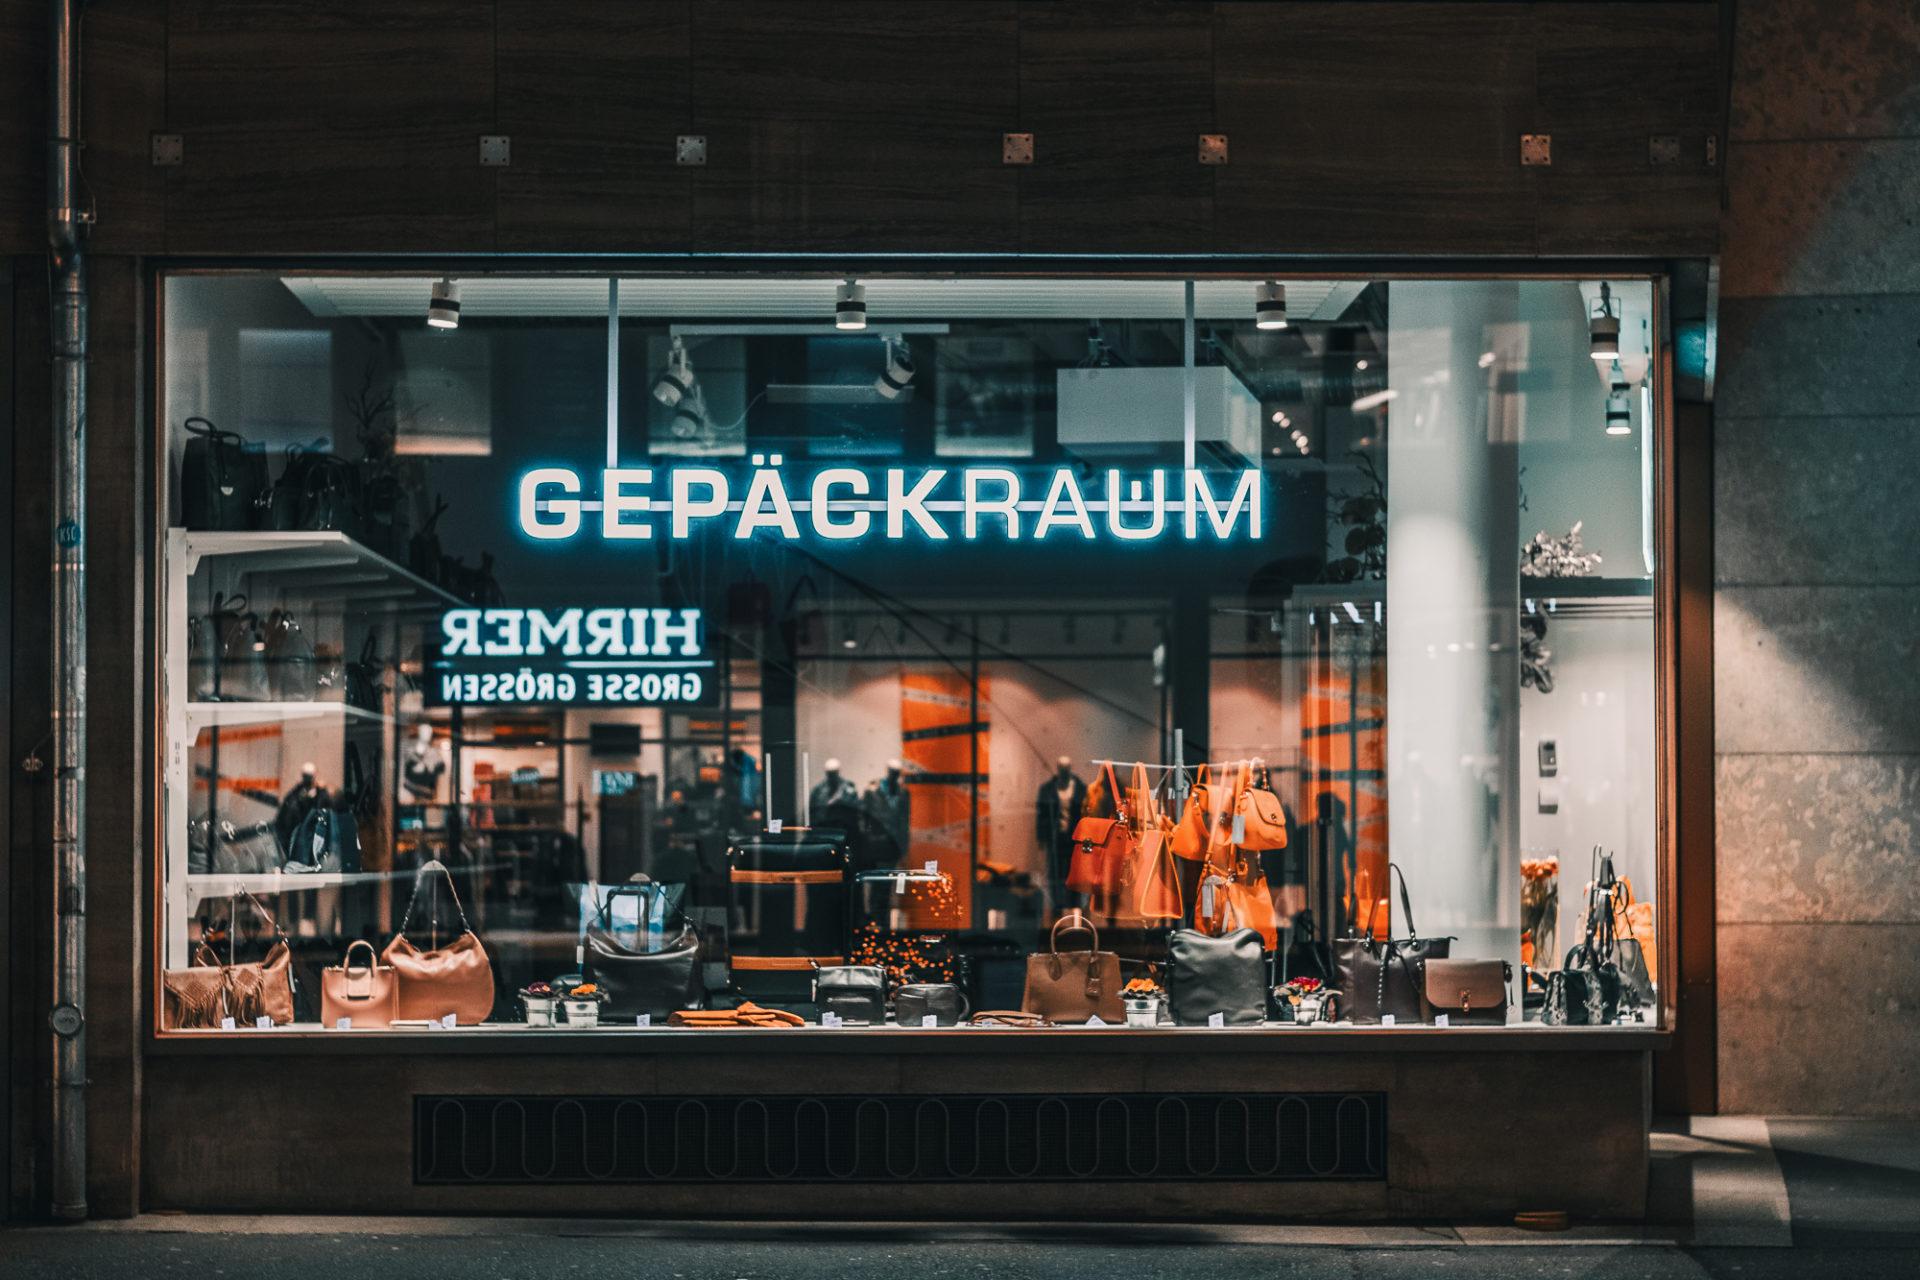 Ansicht eines Schaufensters mit Leuchtreklame und Spiegelungen in der Scheibe